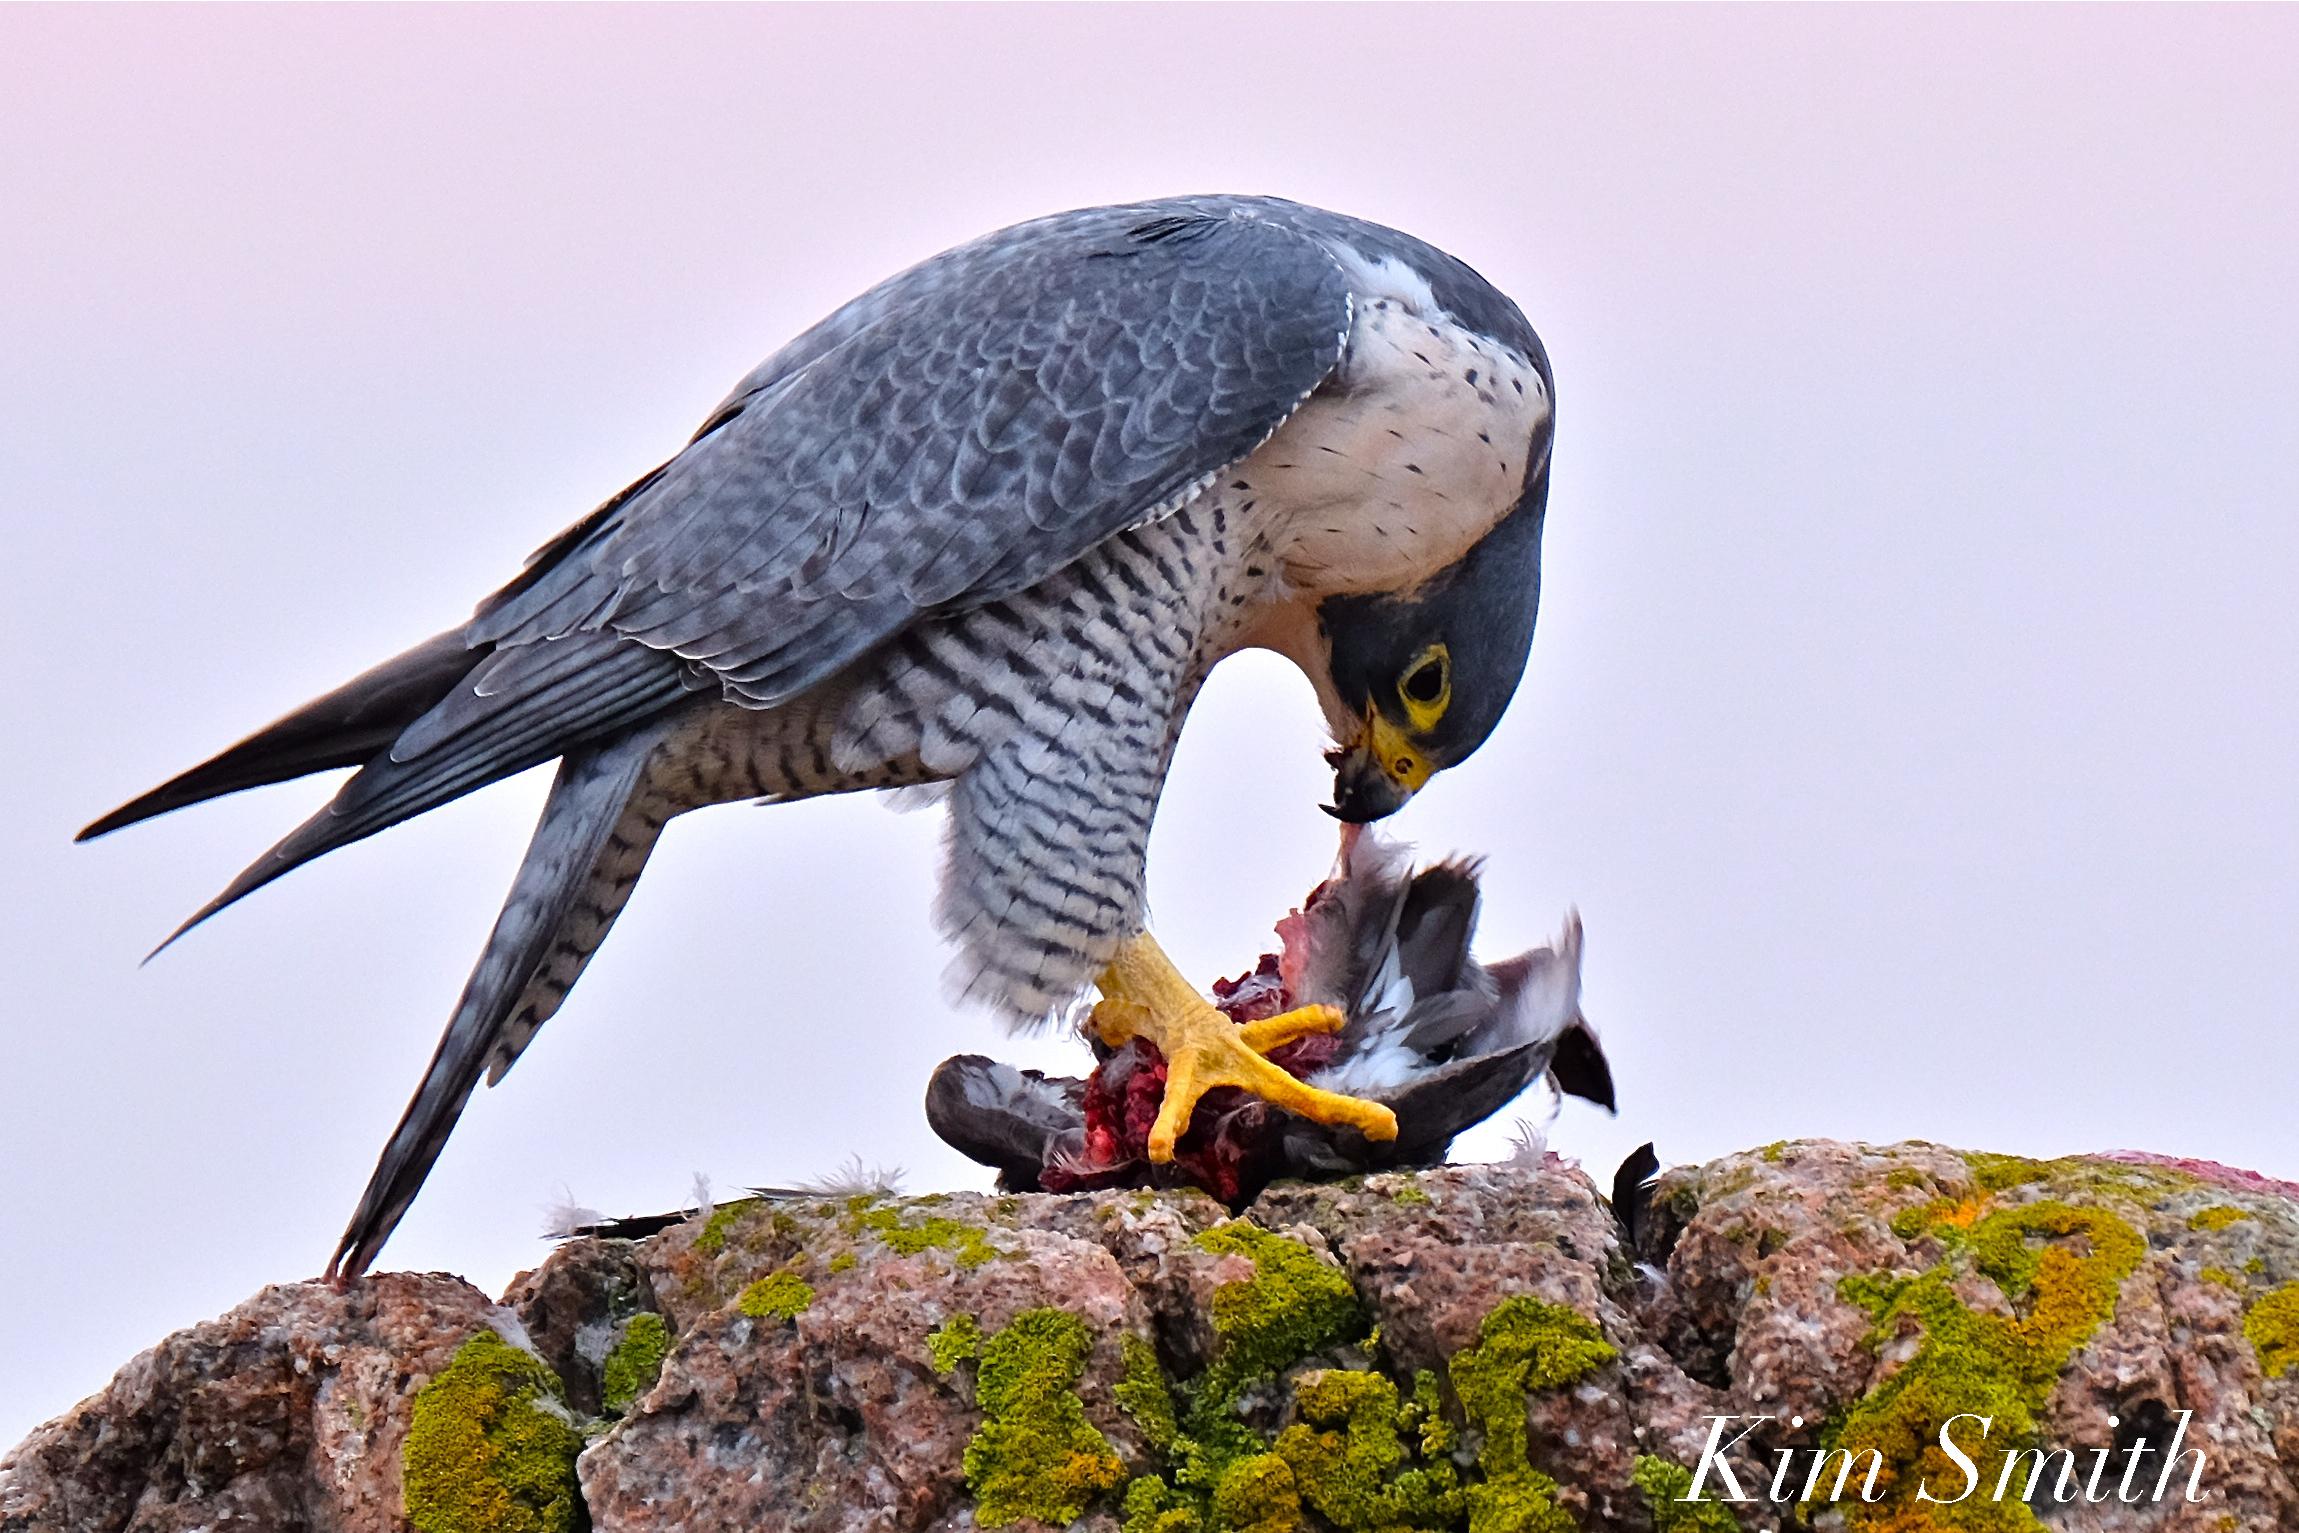 Peregrine Falcon Devouring A Bird Goodmorninggloucester